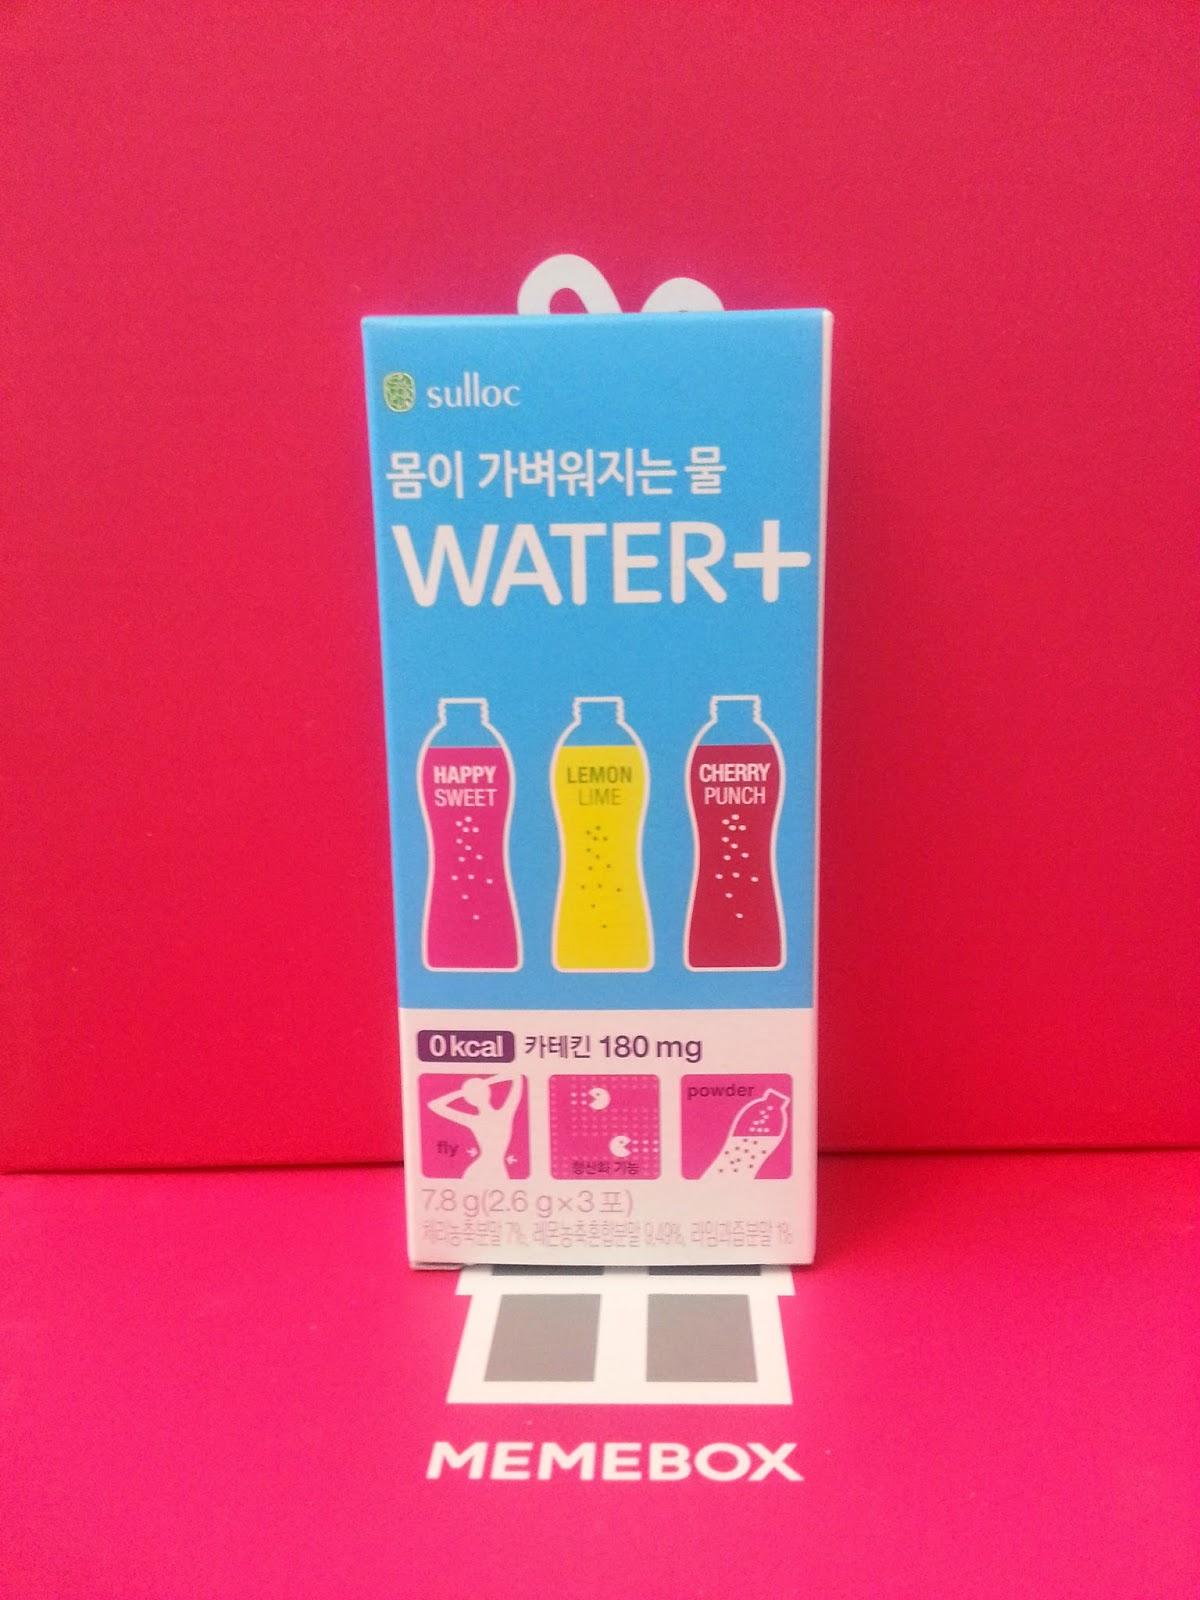 SULLOC Water+